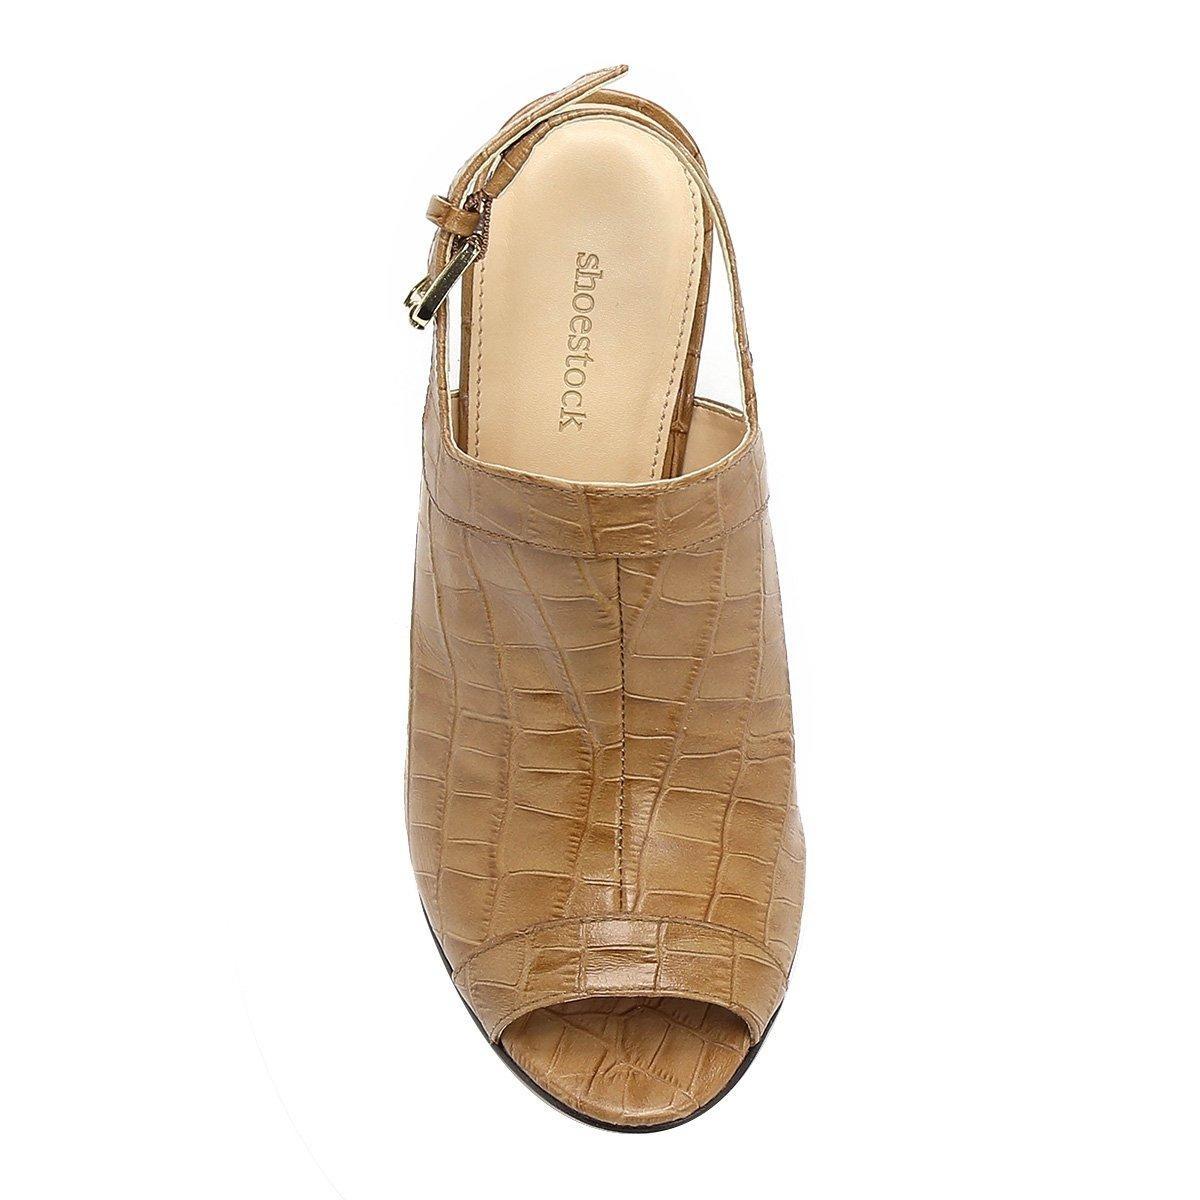 60fc8d04a5 sandália anabela couro shoestock abotinada feminina. Carregando zoom.